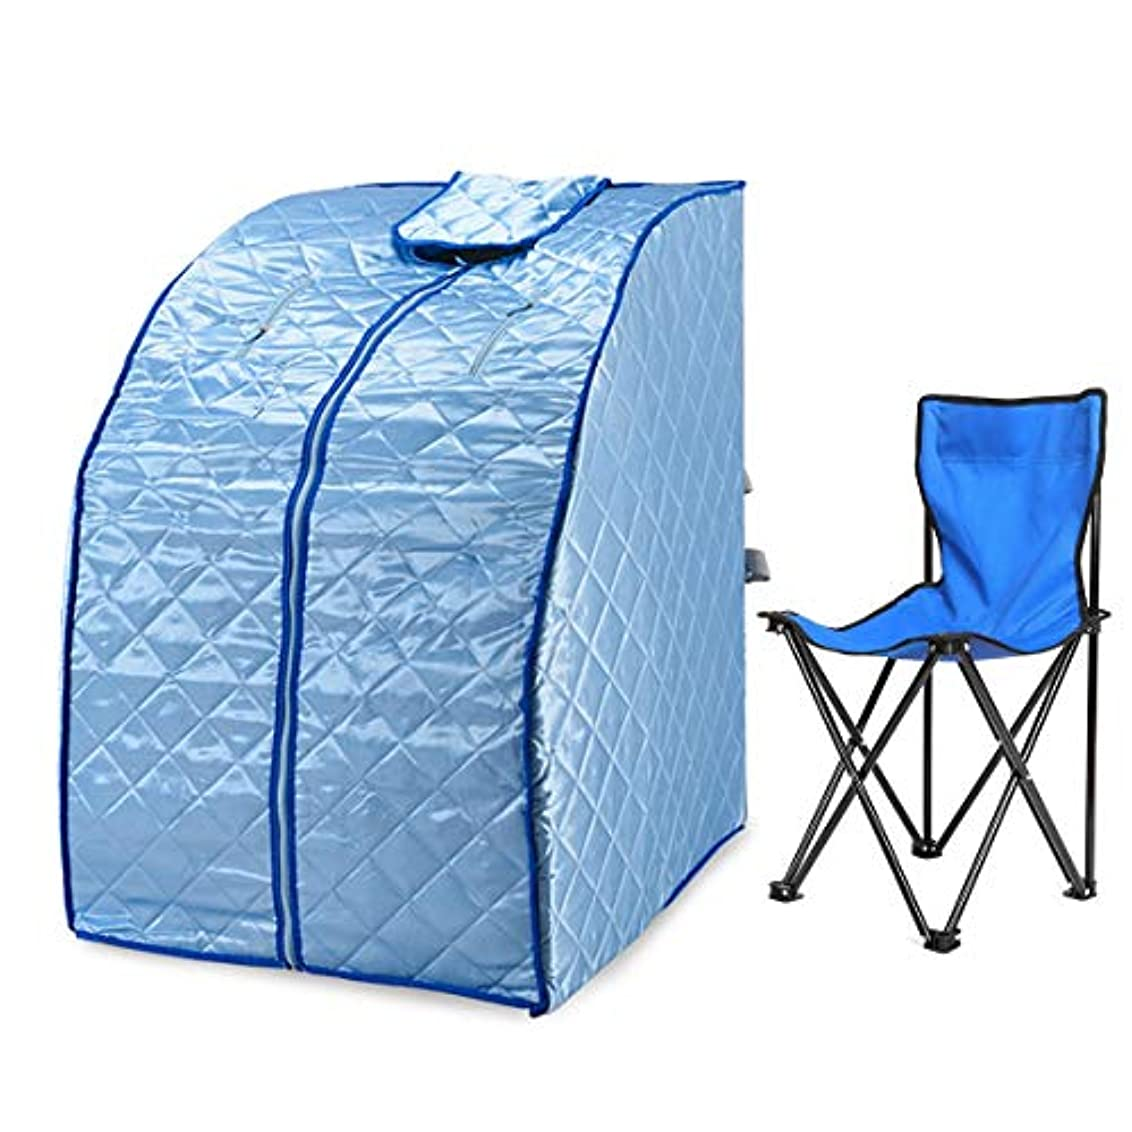 進捗打ち負かす粘り強い遠赤外線 サウナ と 椅子 ポータブル ヒータ サウナボックス 屋内 折り畳み サウナスチームキャビン パーソナル スパ 体重が減る そして 毒素を除去